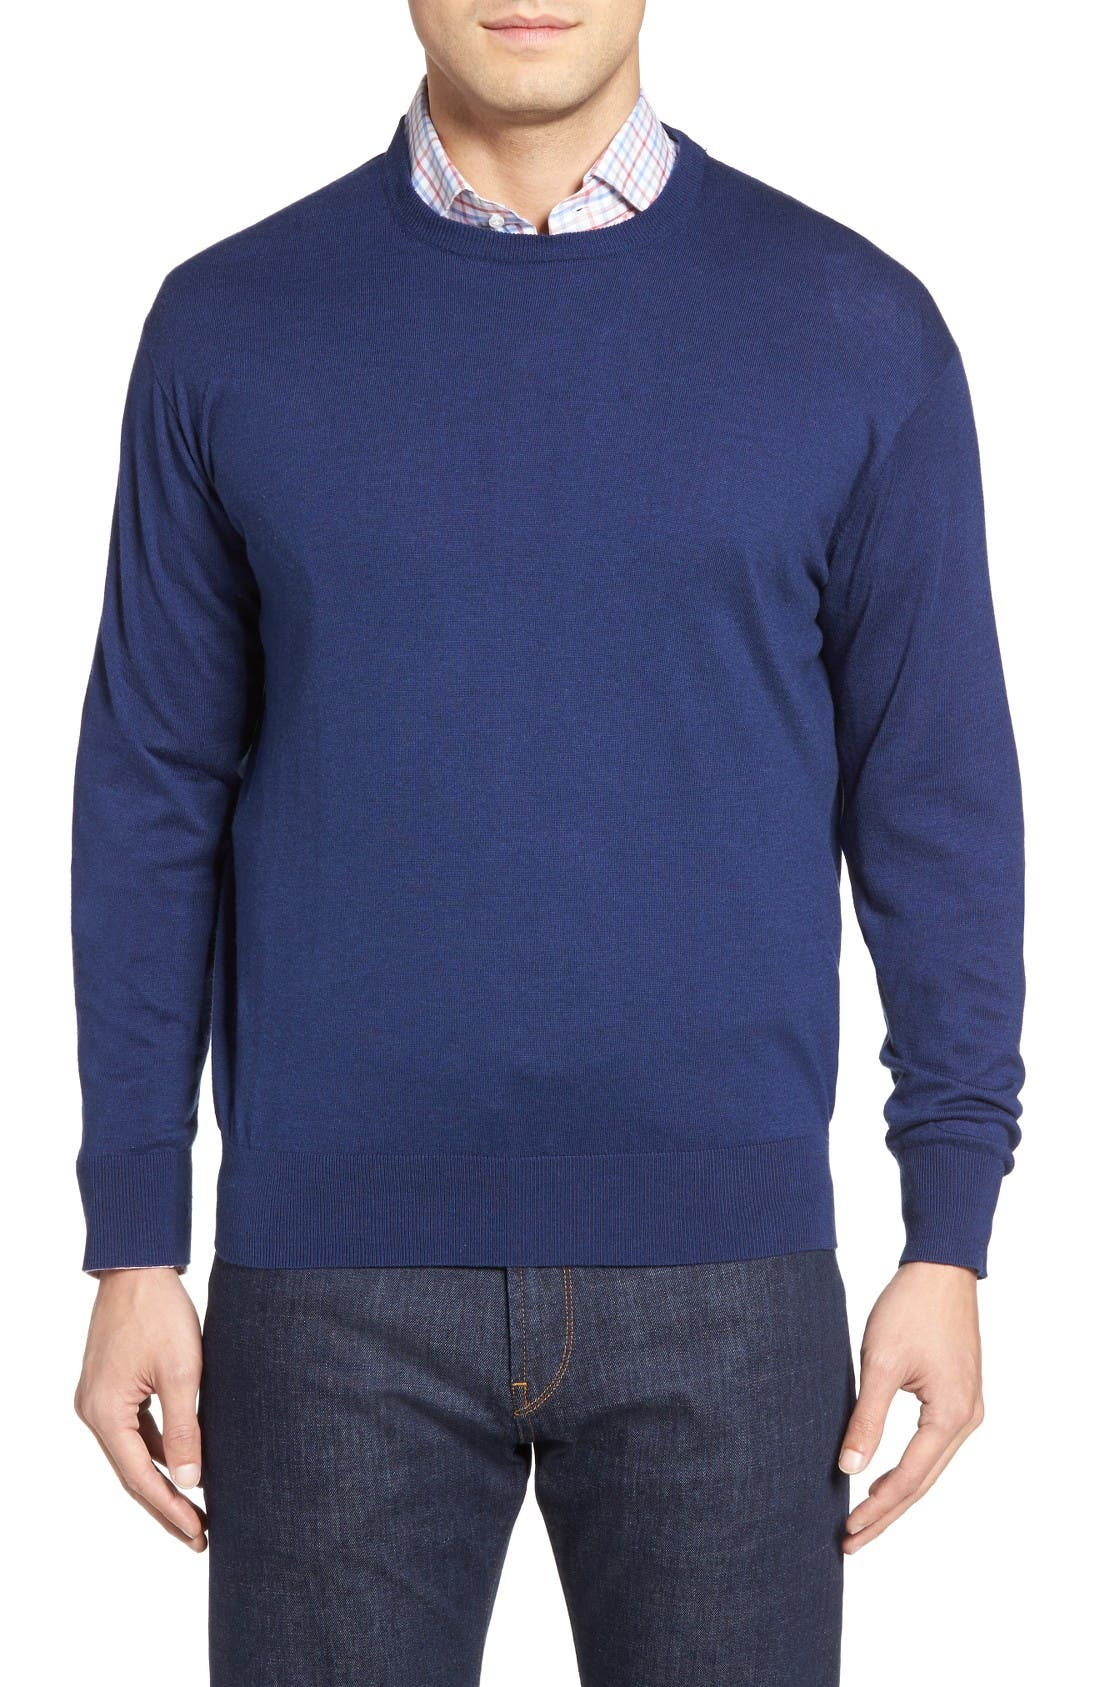 Main Image - Peter Millar Crown Sweatshirt